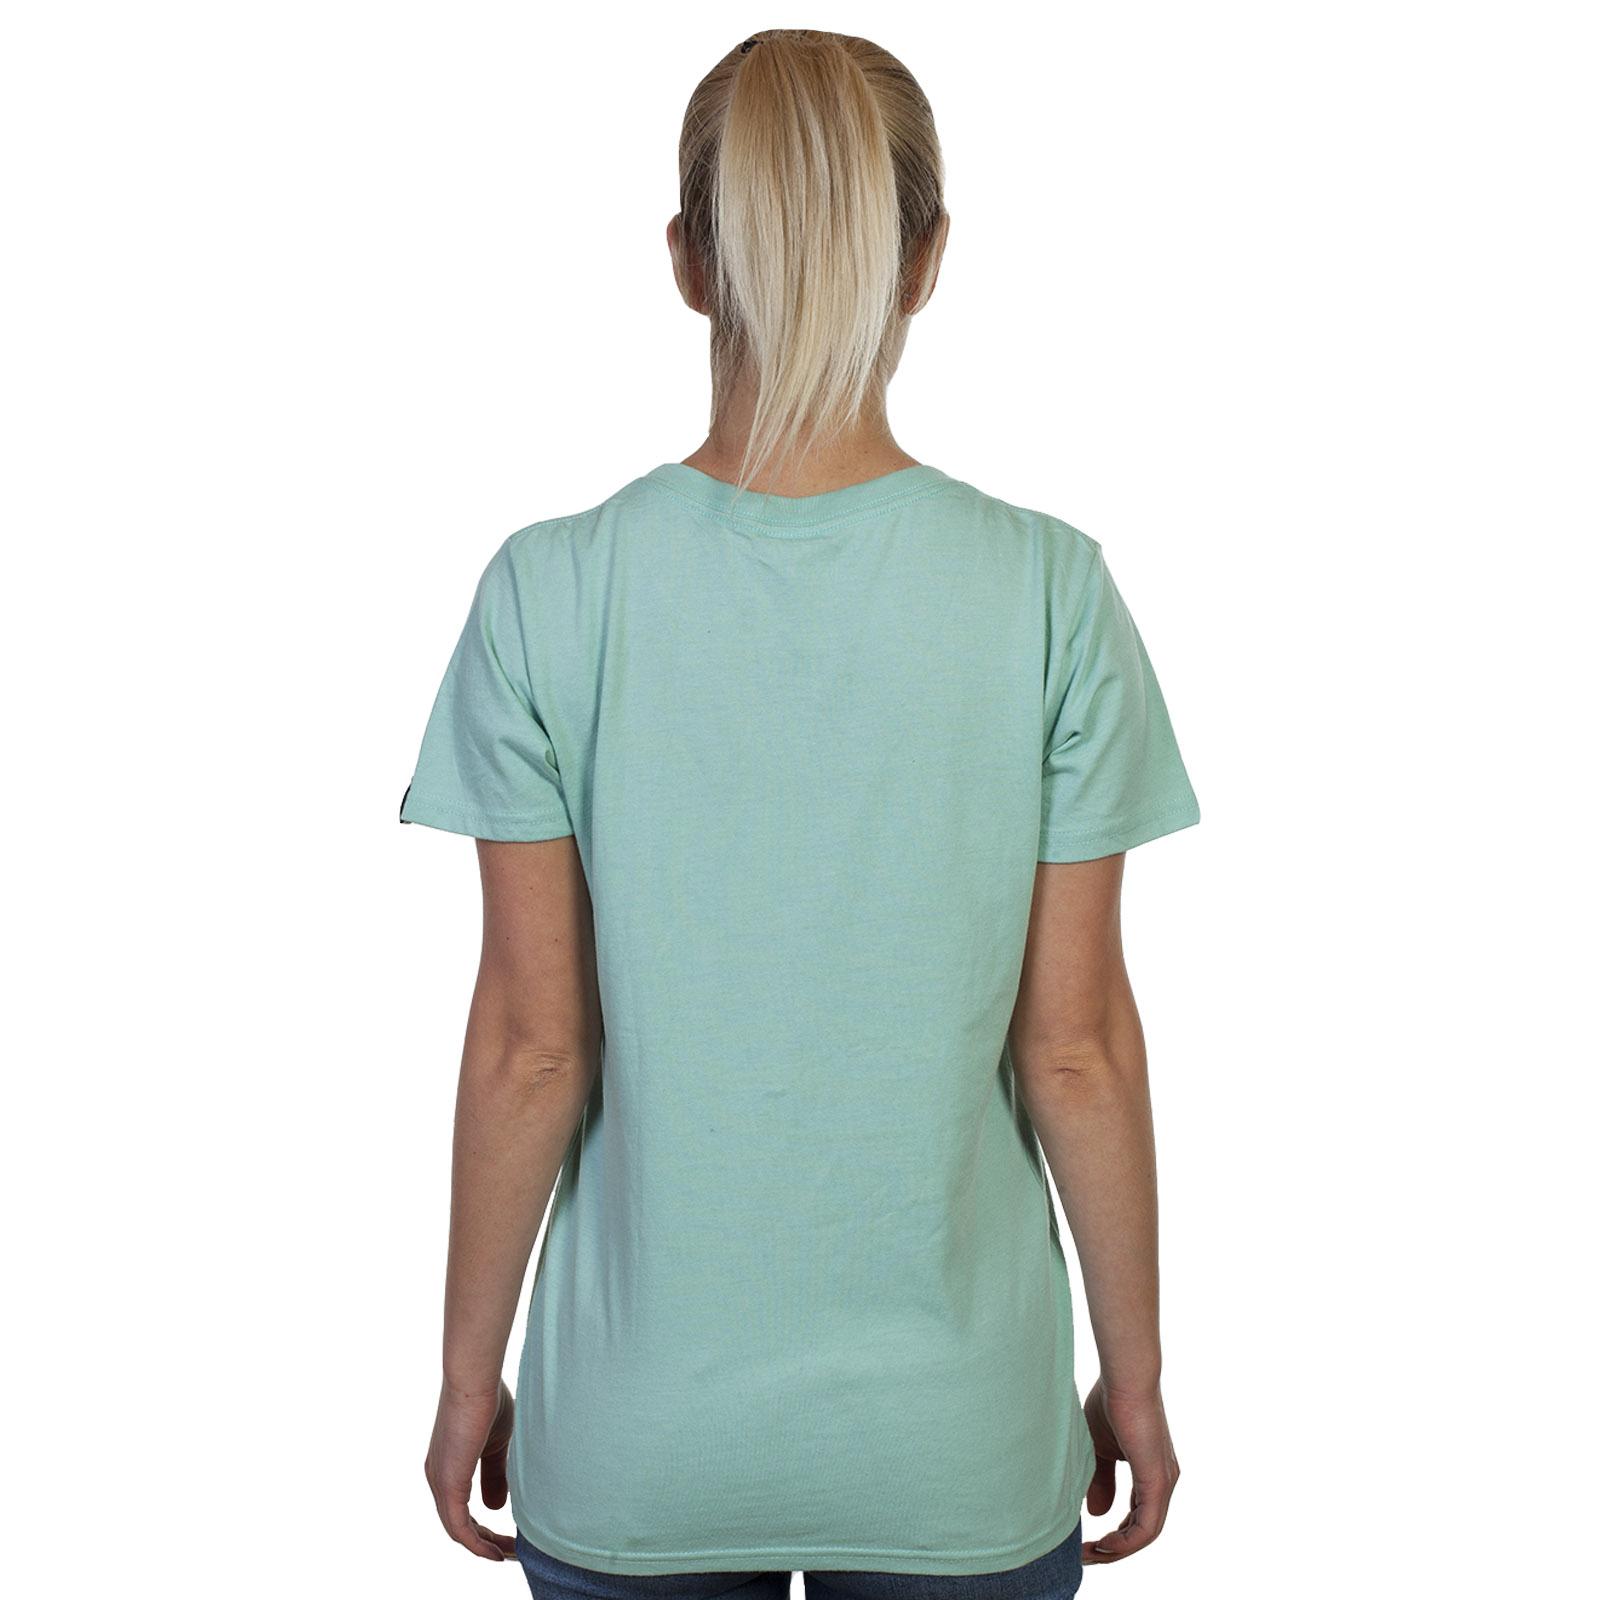 Стильная женская футболка-бирюза Outdoor Life.